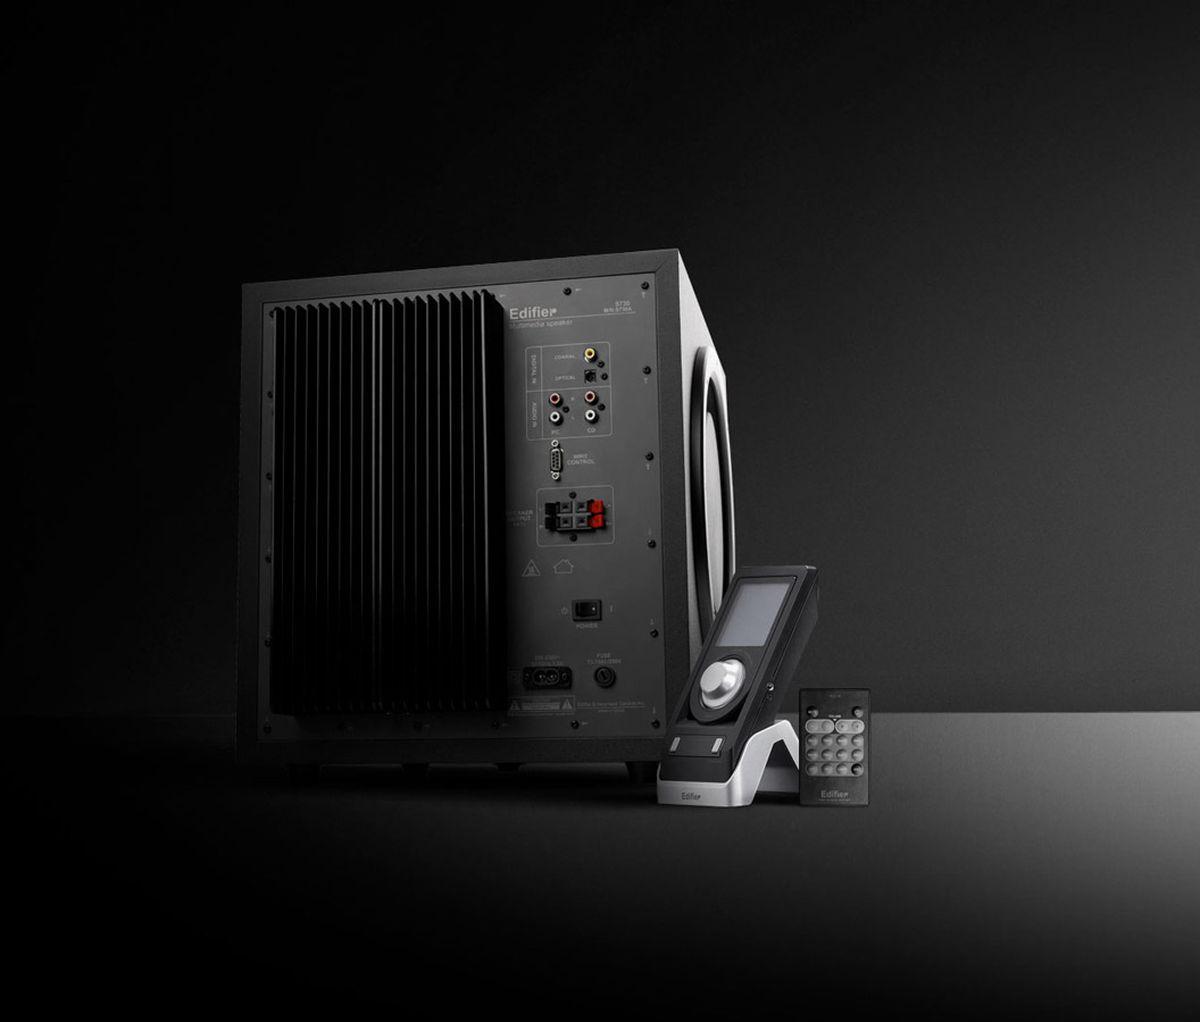 Edifier S730, Blackакустическая система